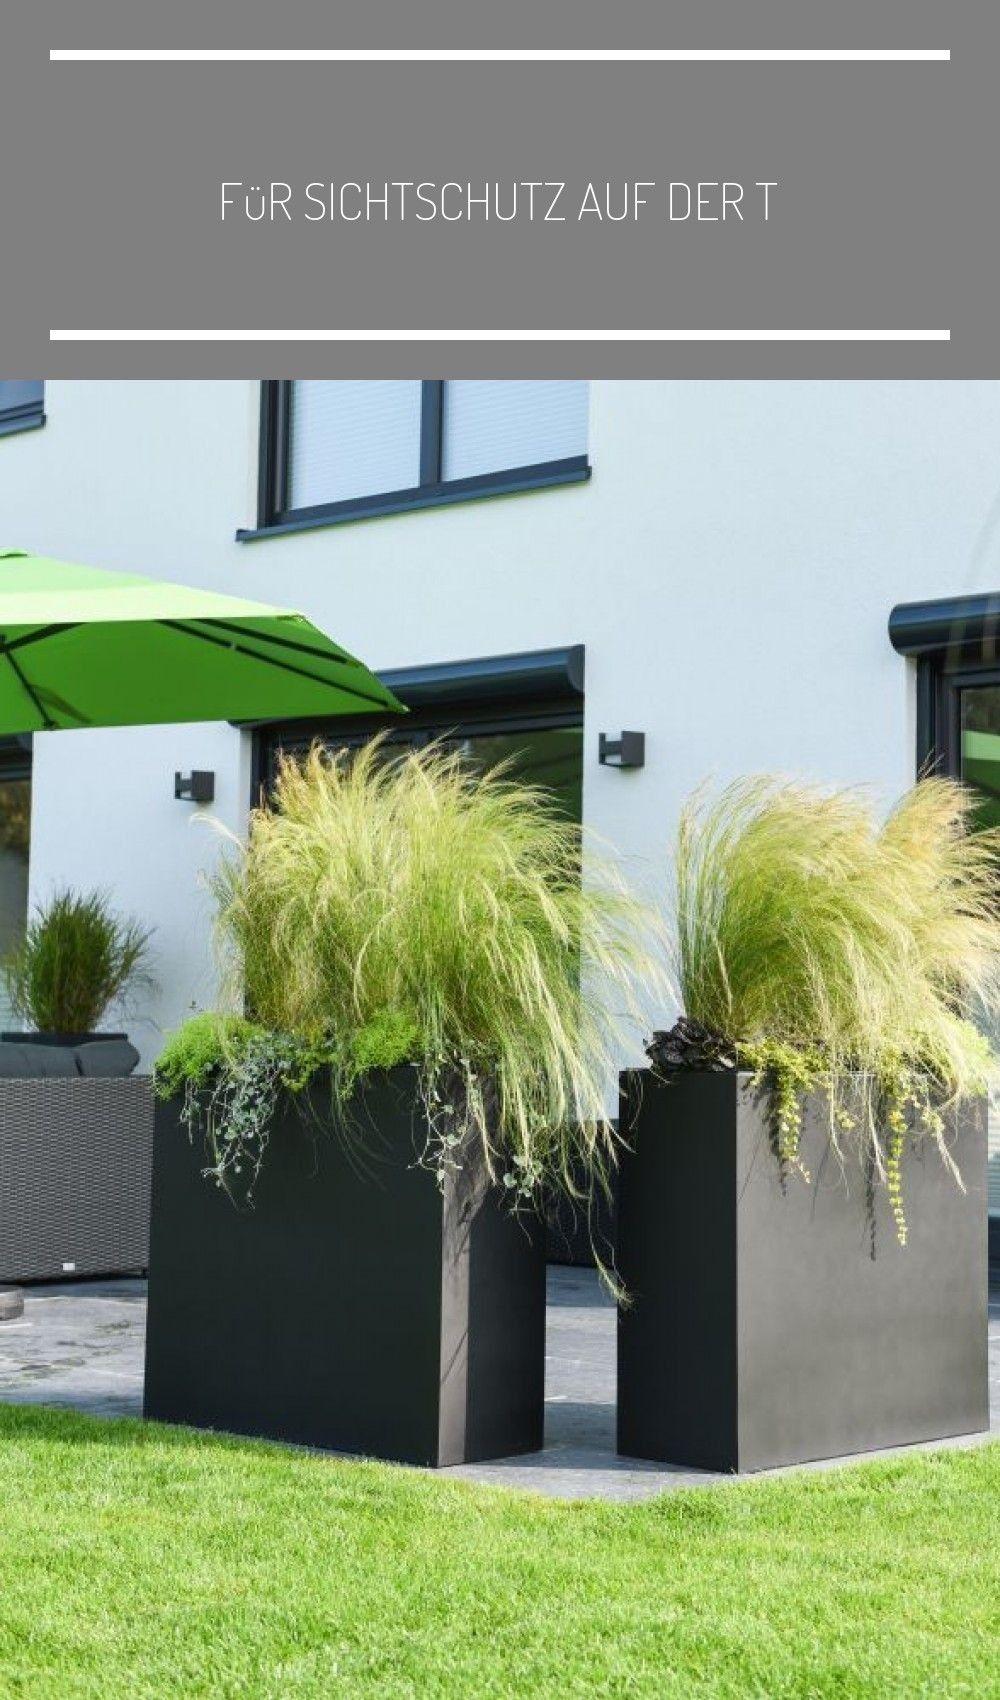 Fur Sichtschutz Auf Der Terrasse Sorgen Diese Pflanzkubel